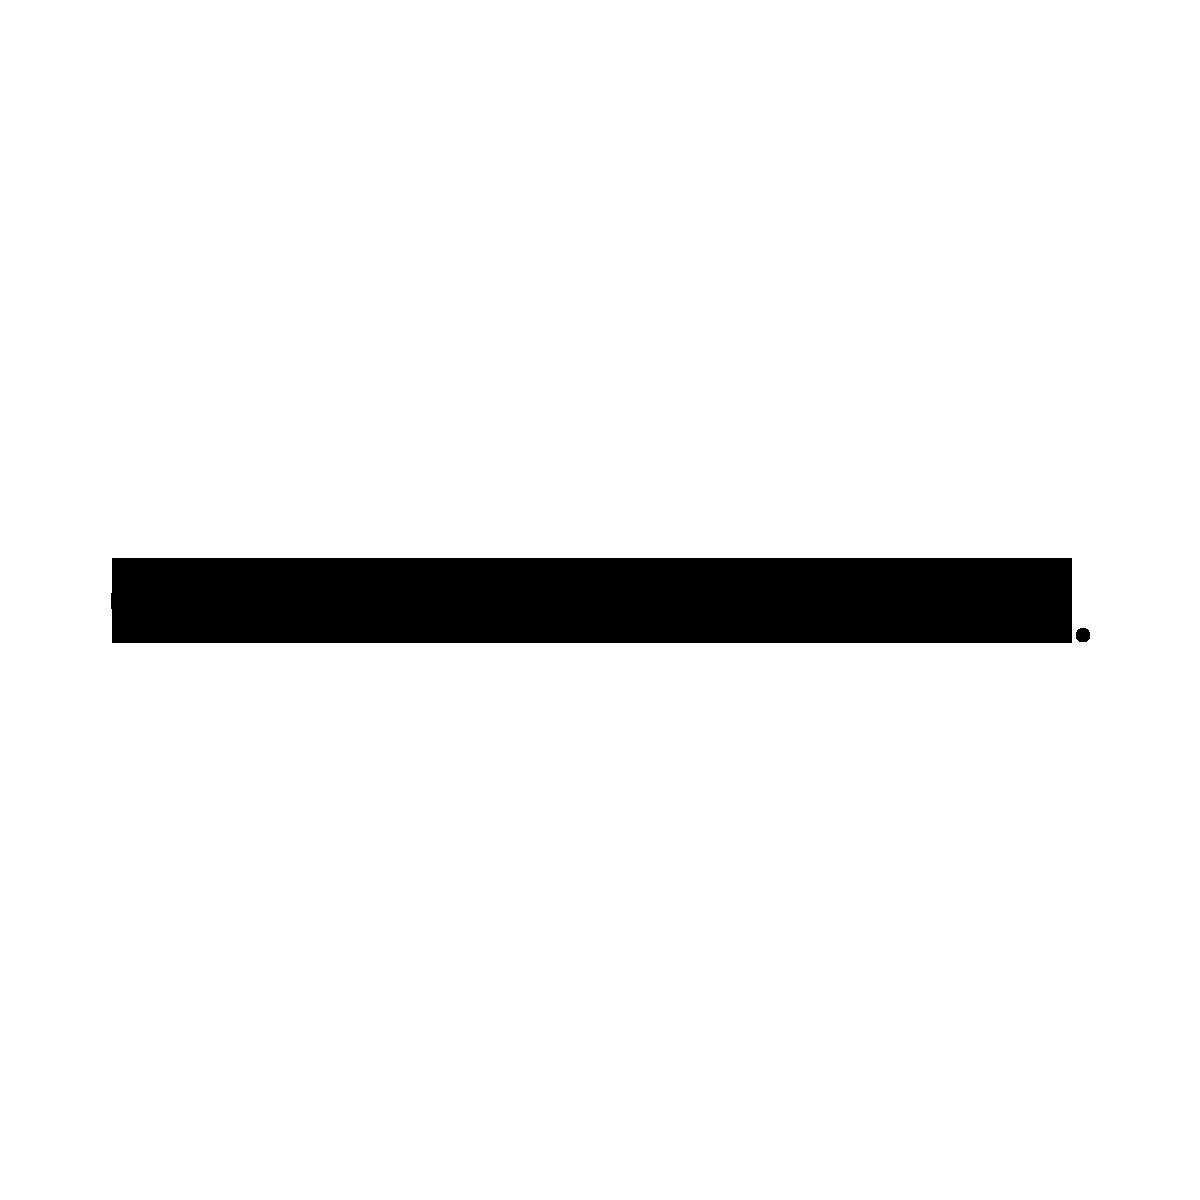 Business-tas-natuurlijk-gelooid-gladleer-zwart